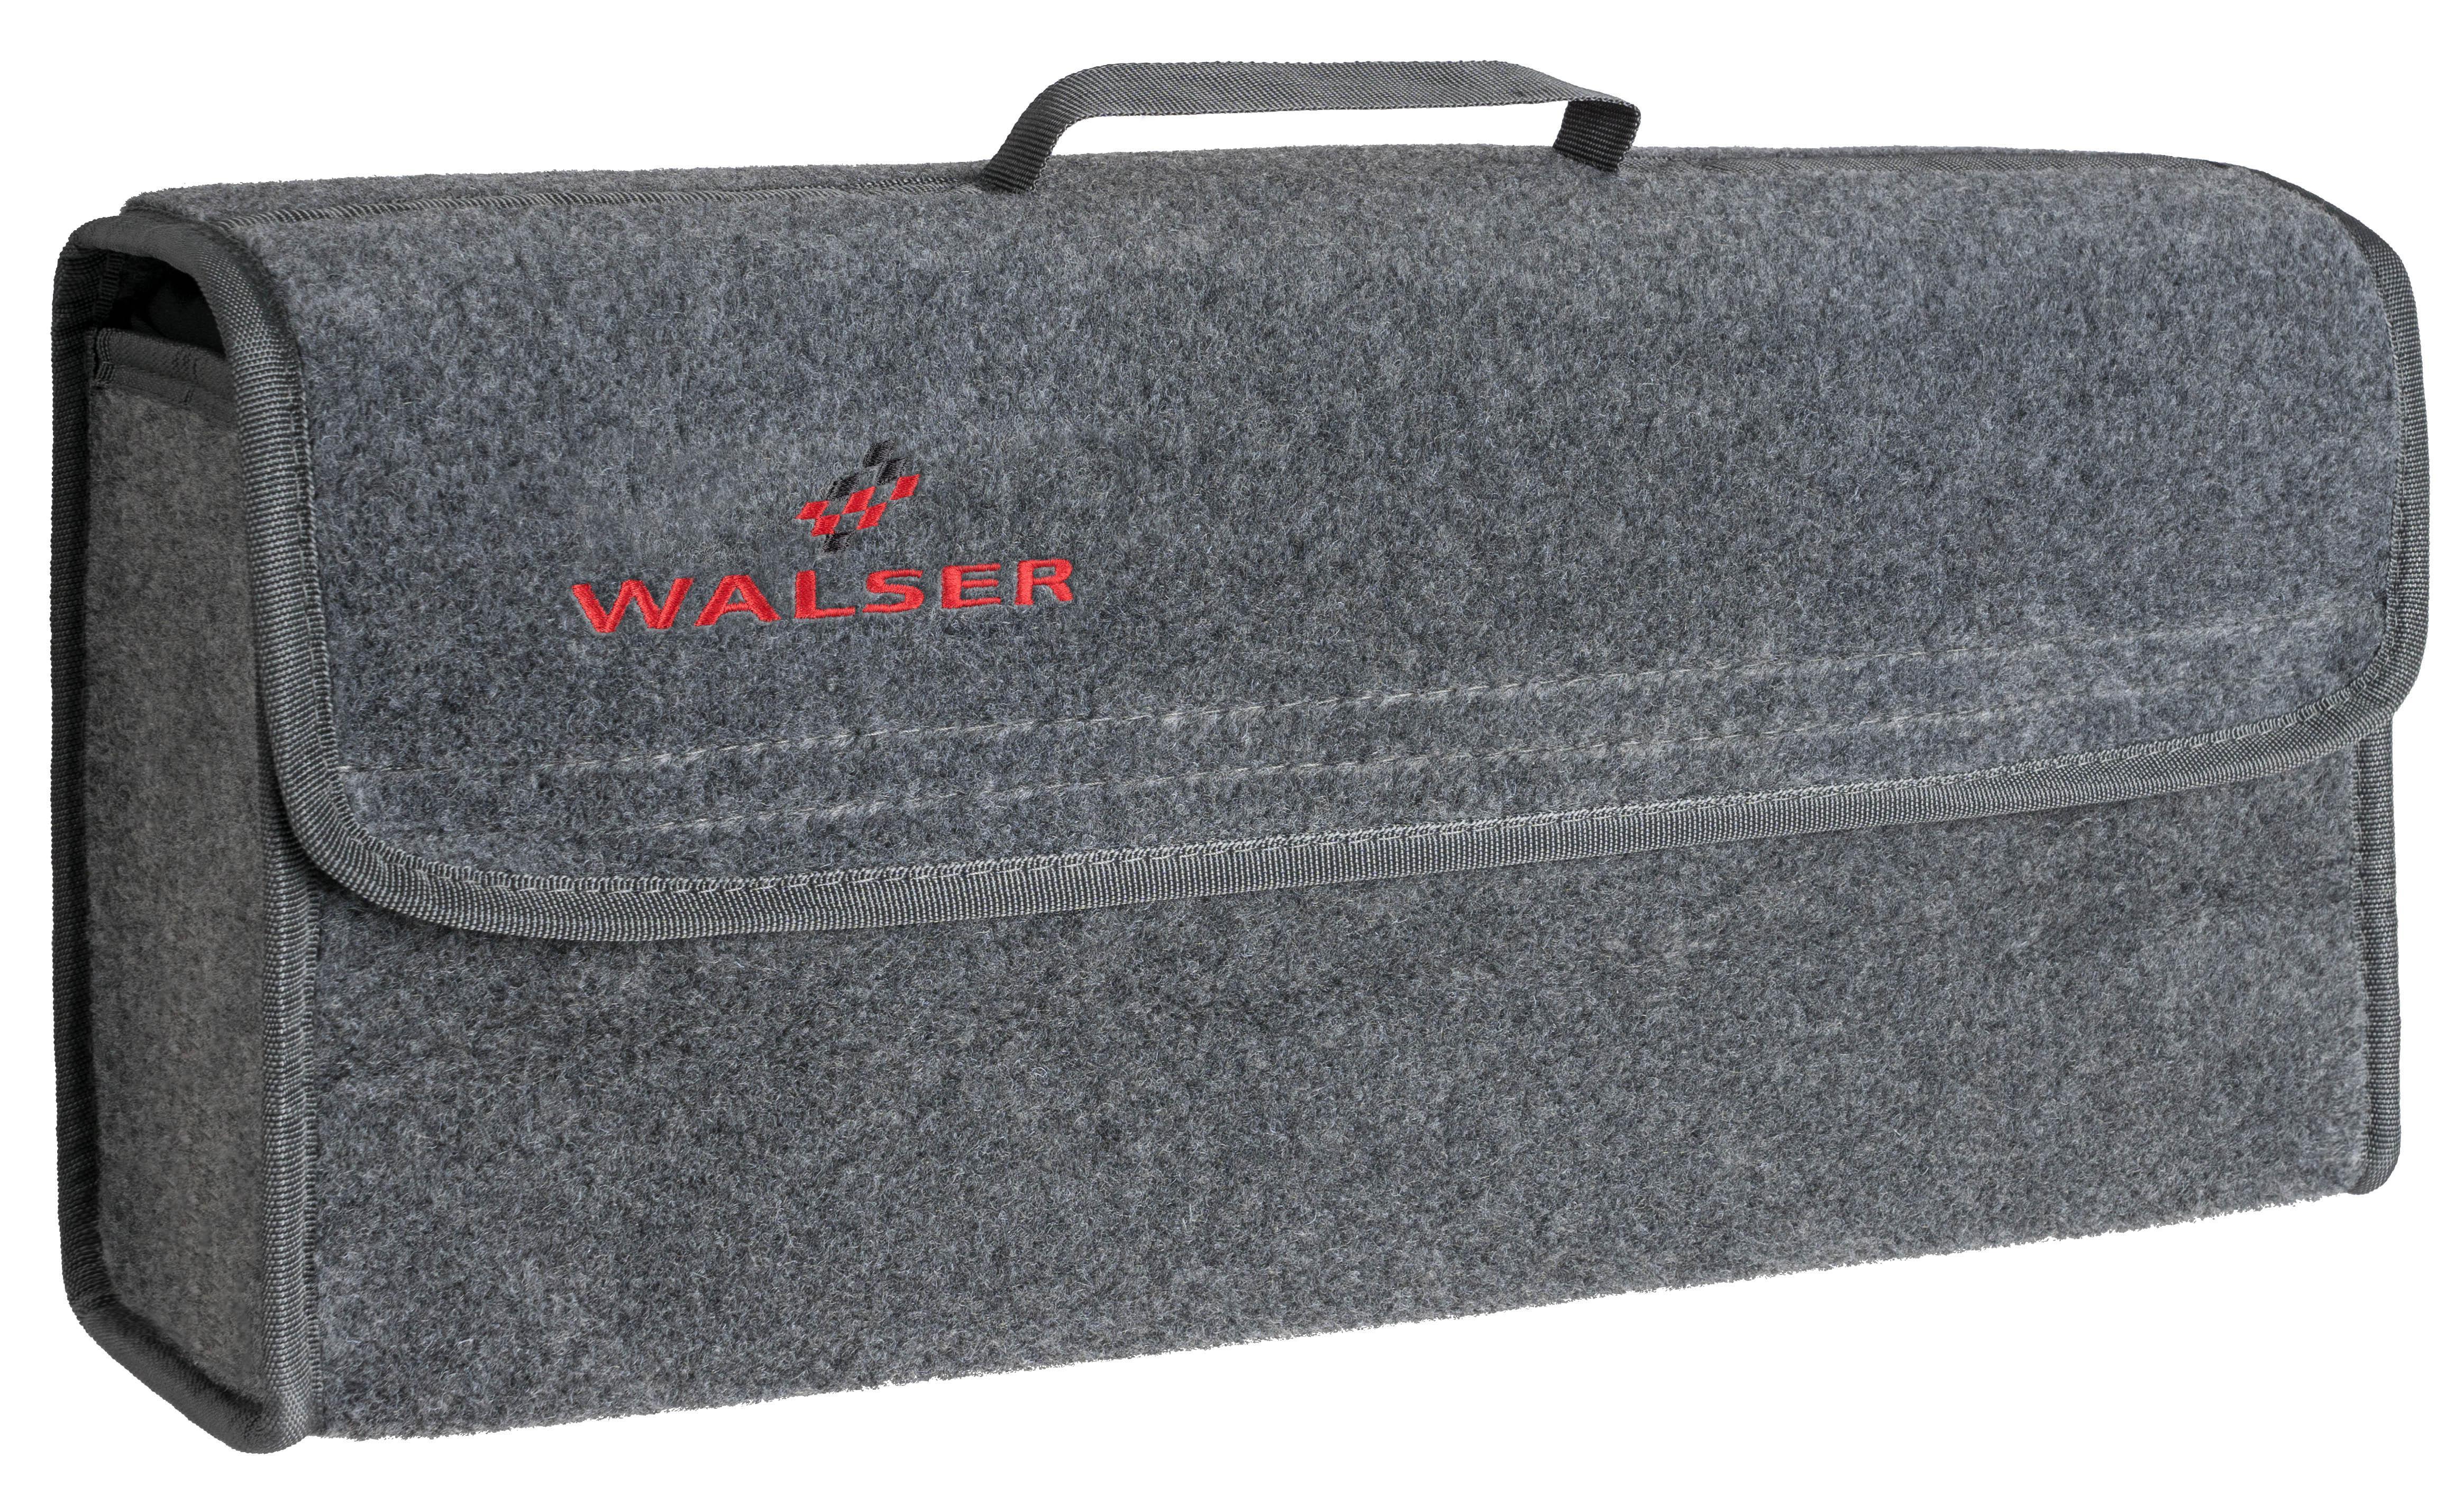 Gepäcktasche, Gepäckkorb 30107-0 WALSER 30107-0 in Original Qualität